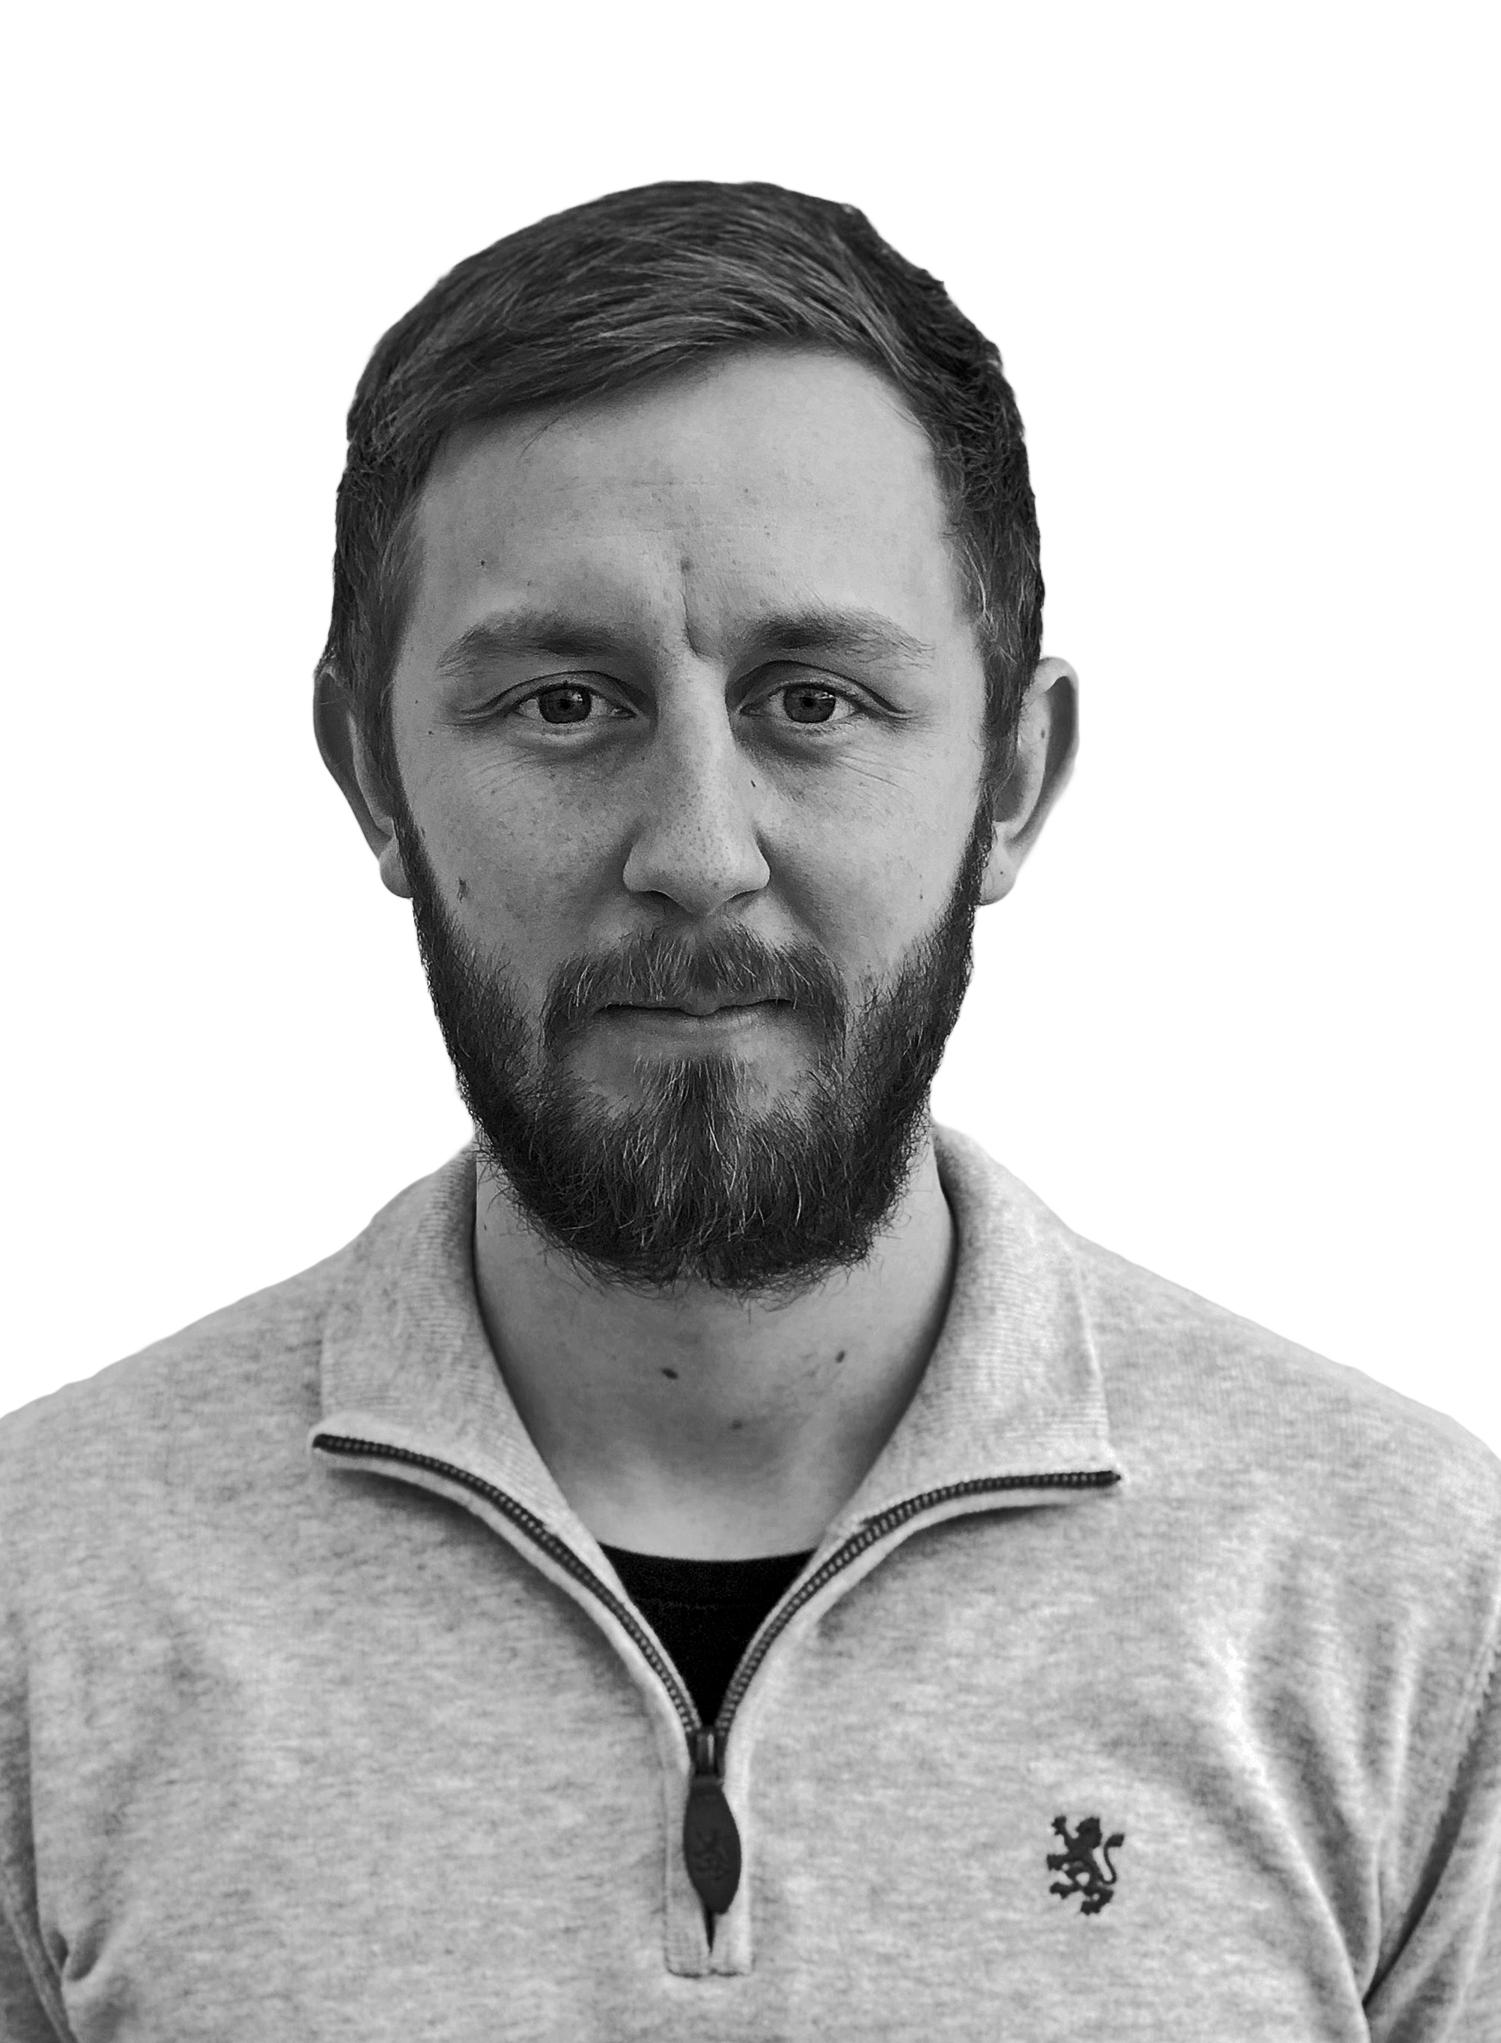 Fabian Fløan Kleven